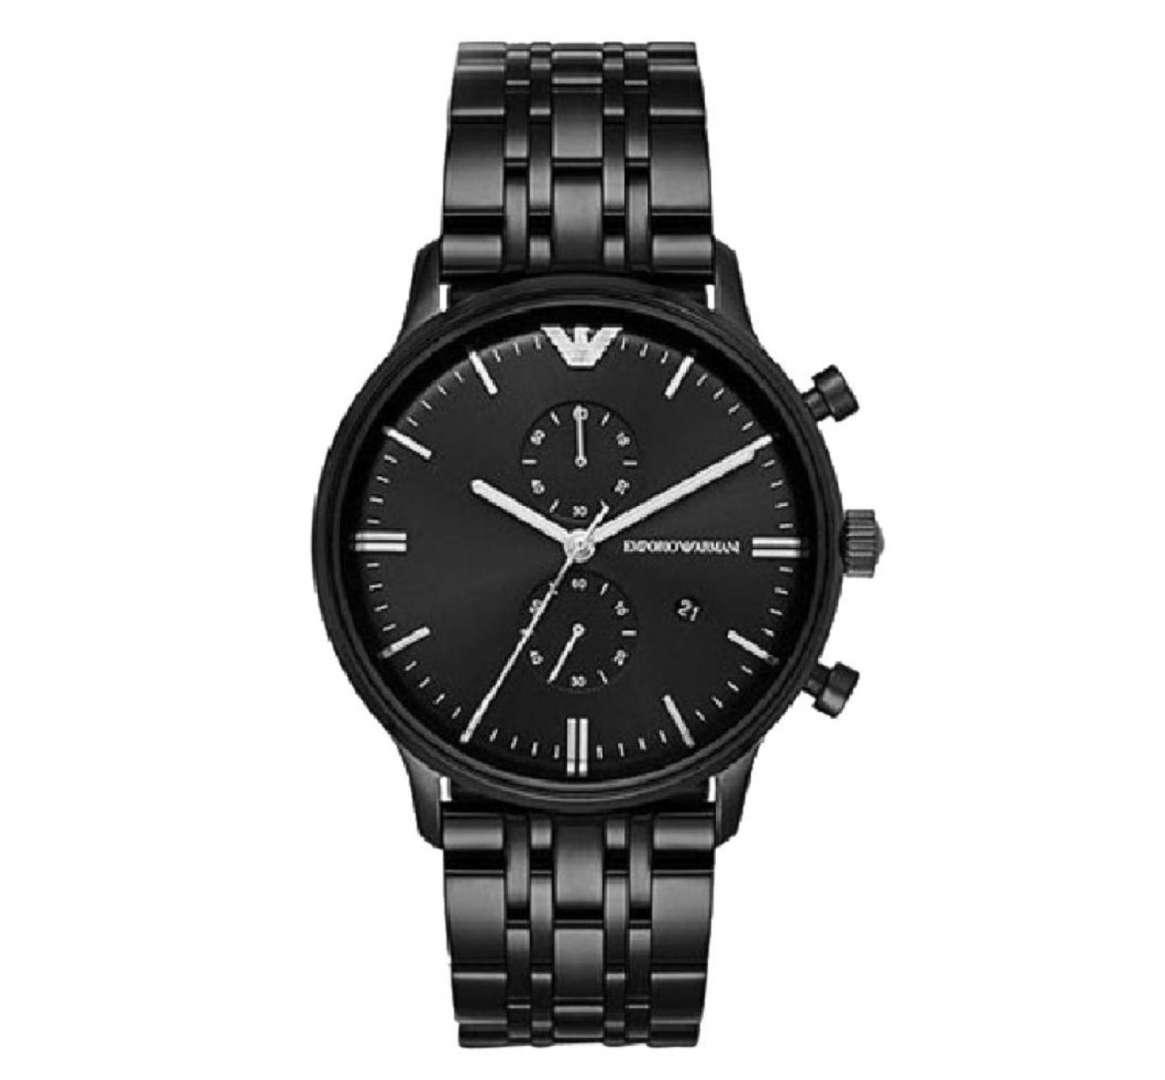 שעון יד אנלוגי לגבר emporio armani ar1934 אמפוריו ארמני